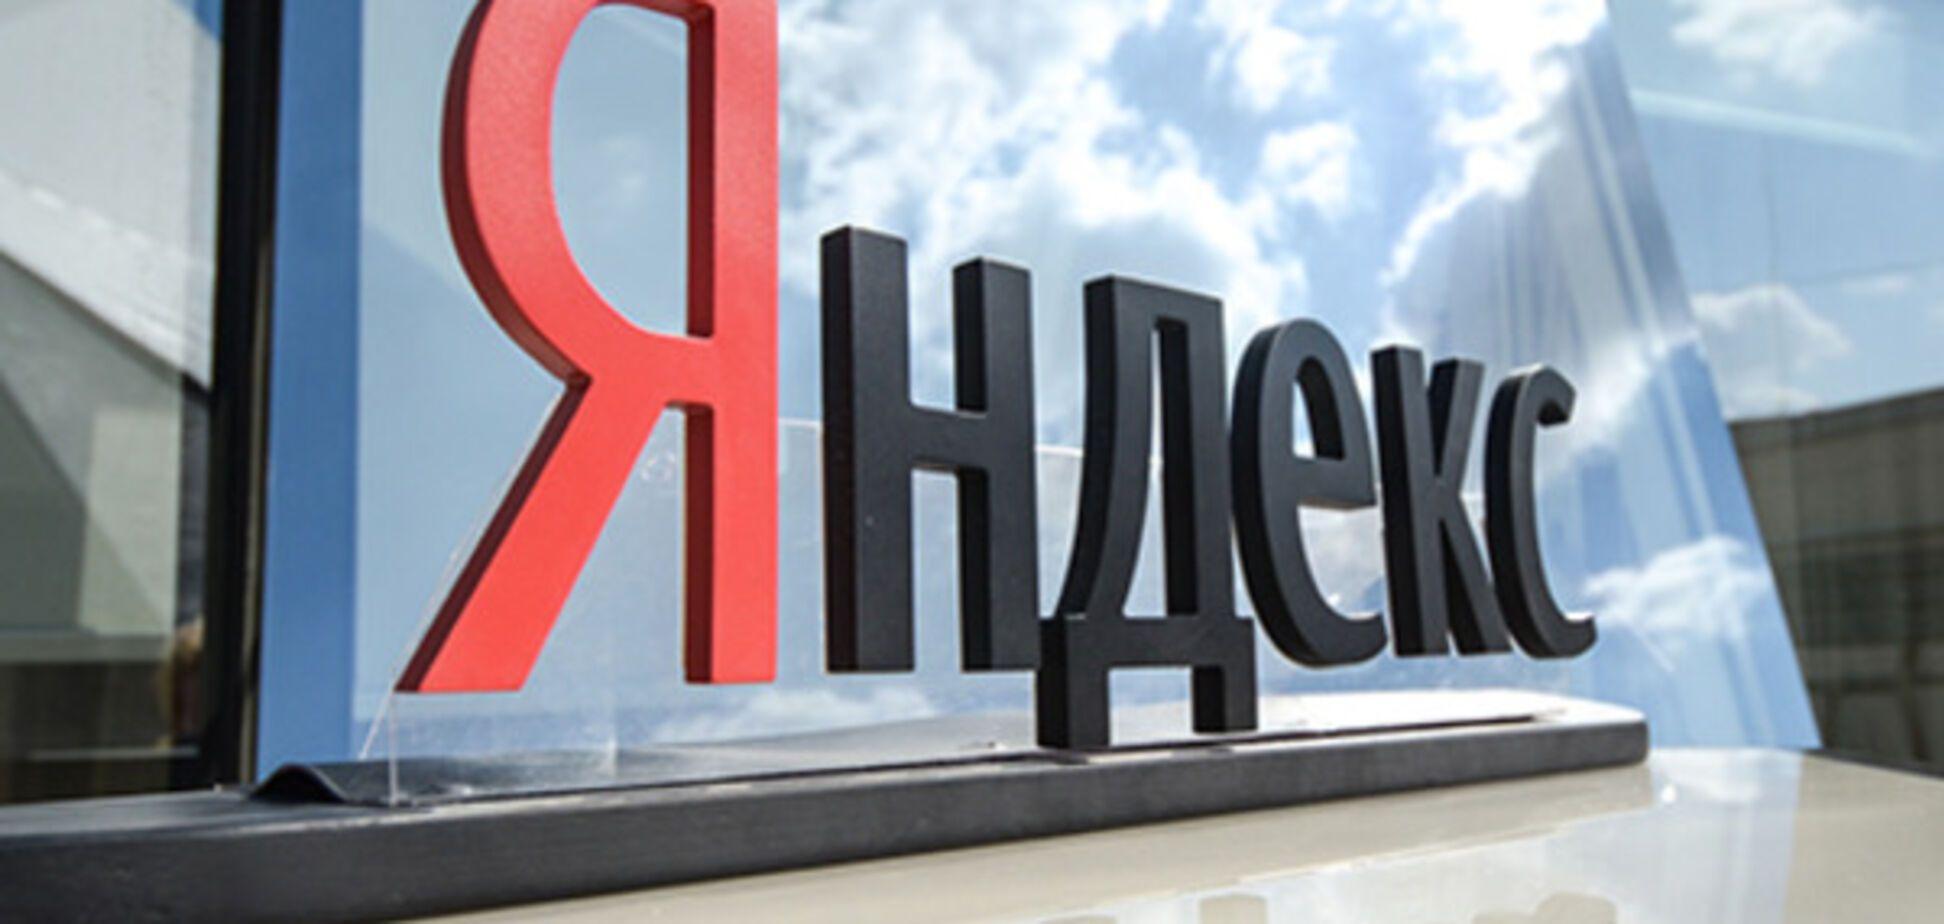 \'Яндекс\' жестко ответил на обвинения СБУ о сливе данных спецслужбам России